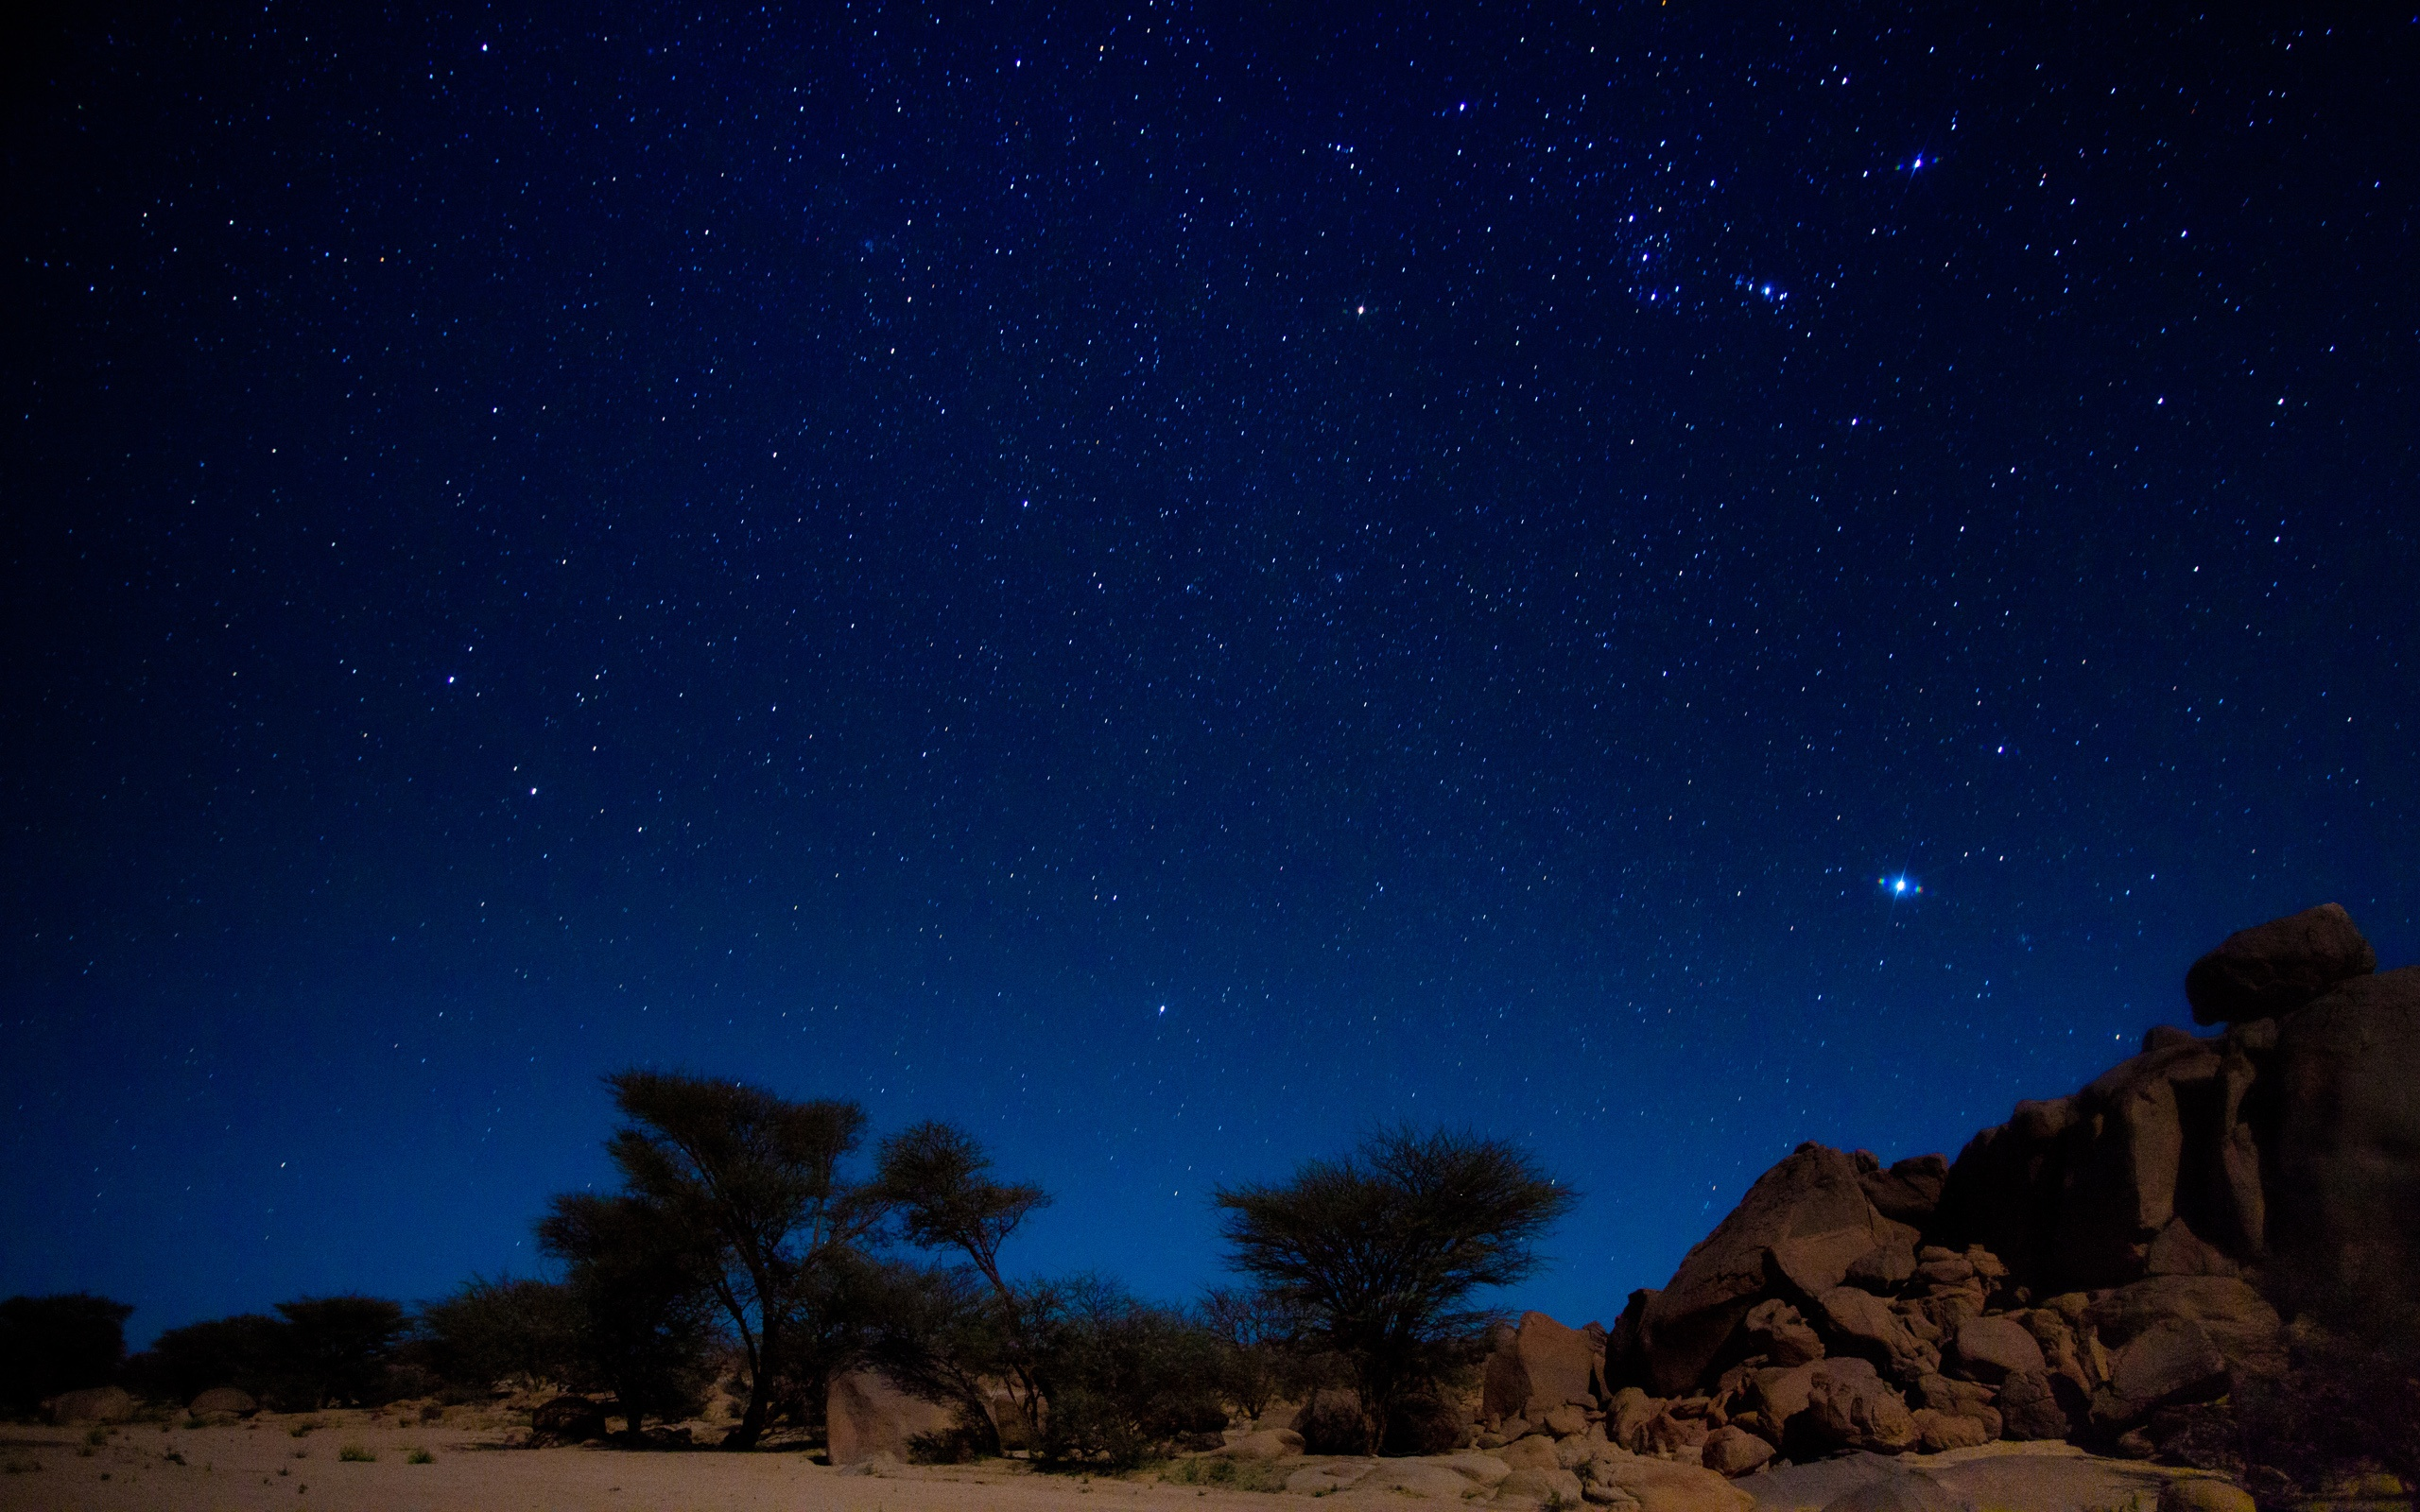 Stars over the desert wallpaper   1050574 2560x1600